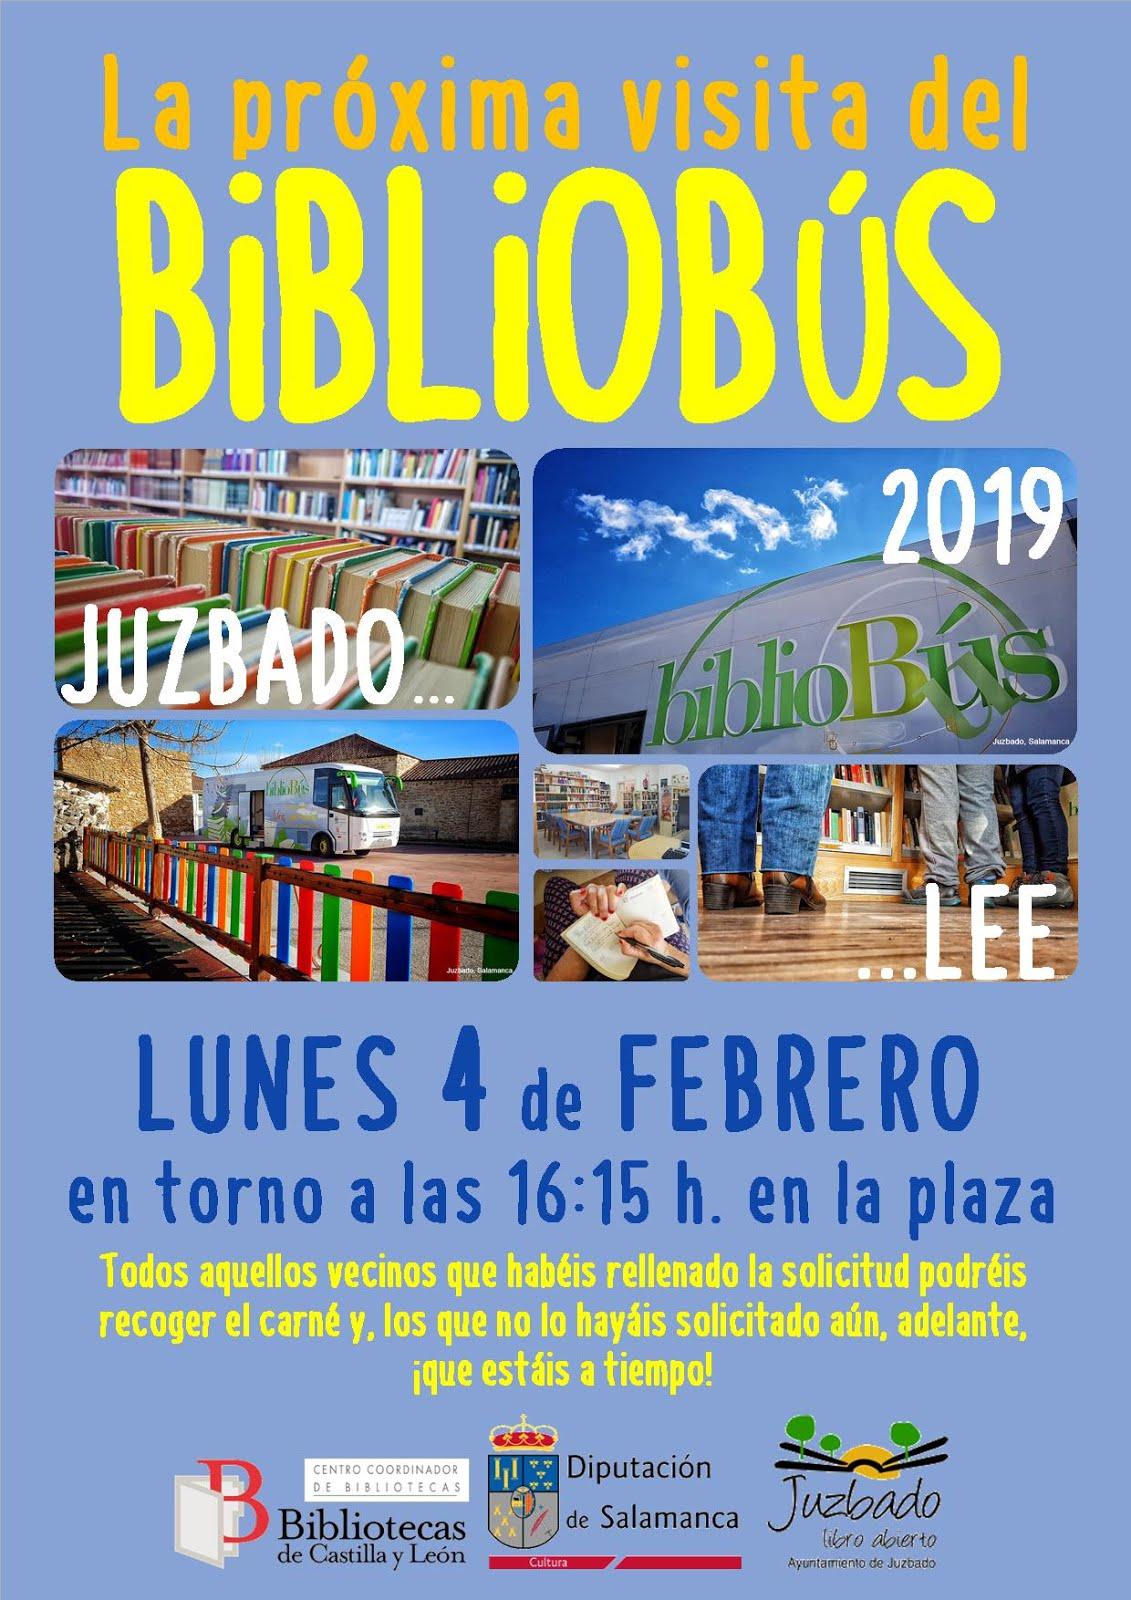 Visita del bibliobús febrero 2019 - Juzbado (Salamanca)